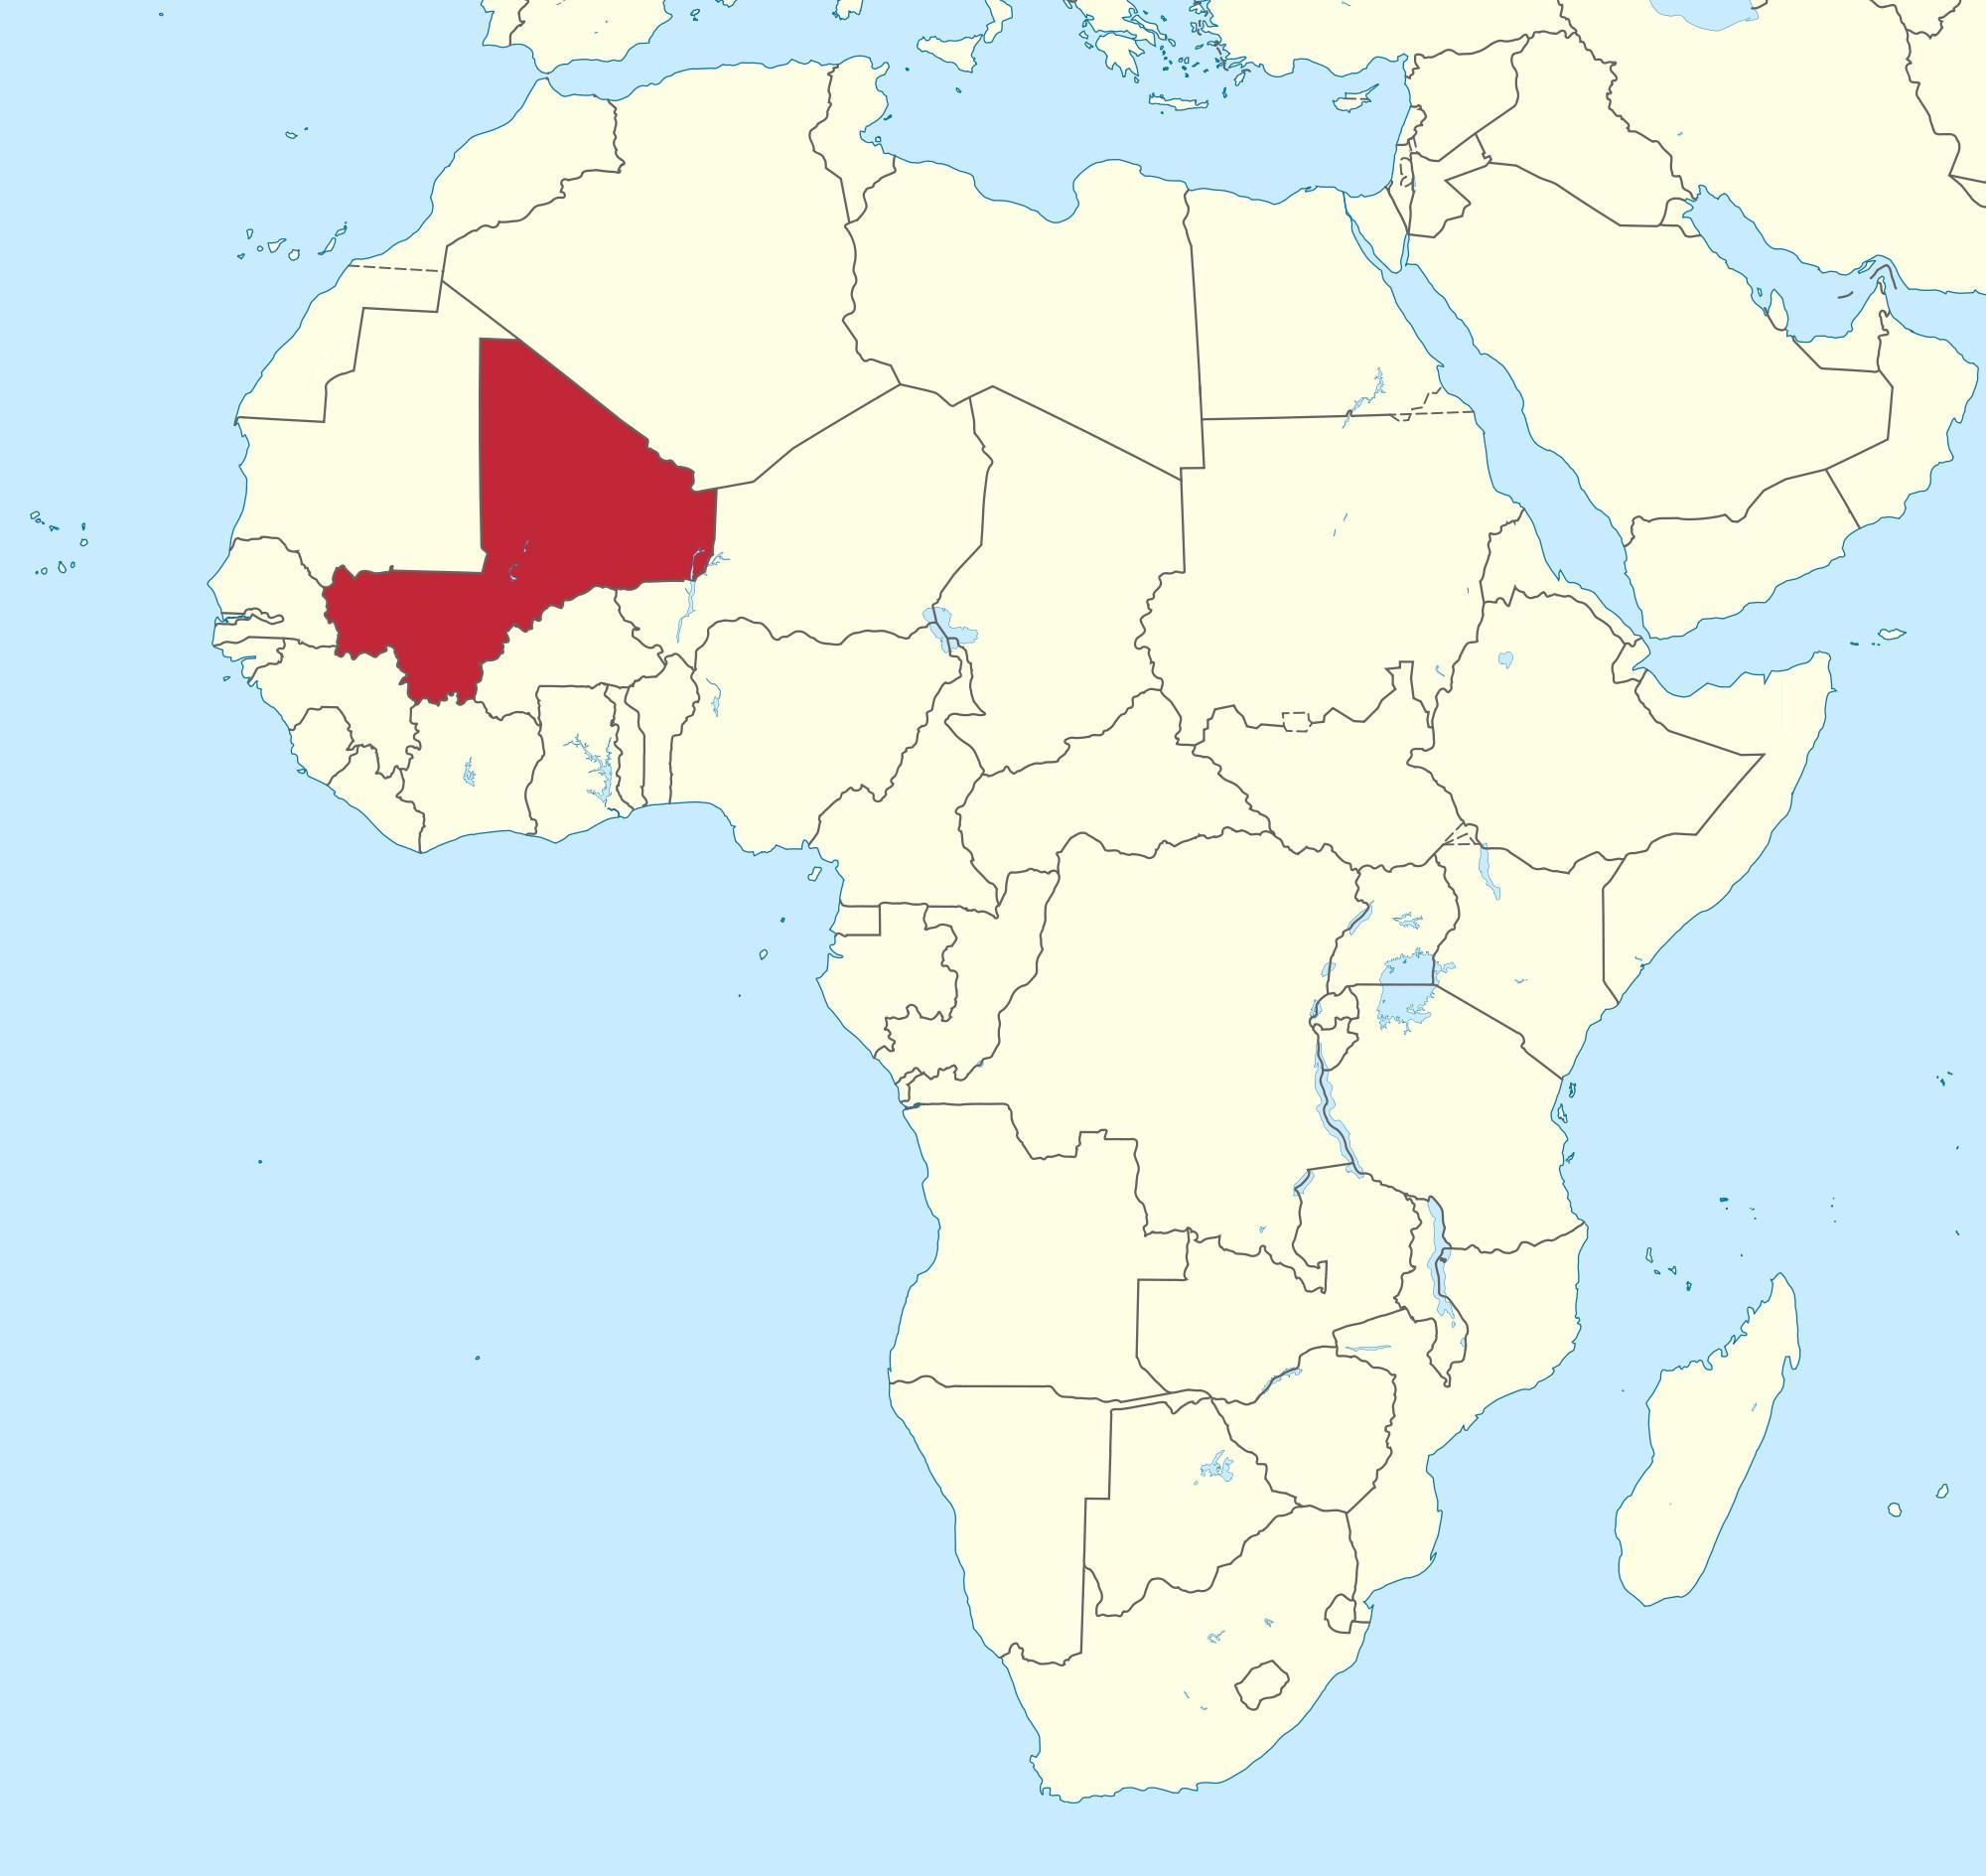 Mali Auf Der Weltkarte Anzeigen Mali Position Auf Der Weltkarte